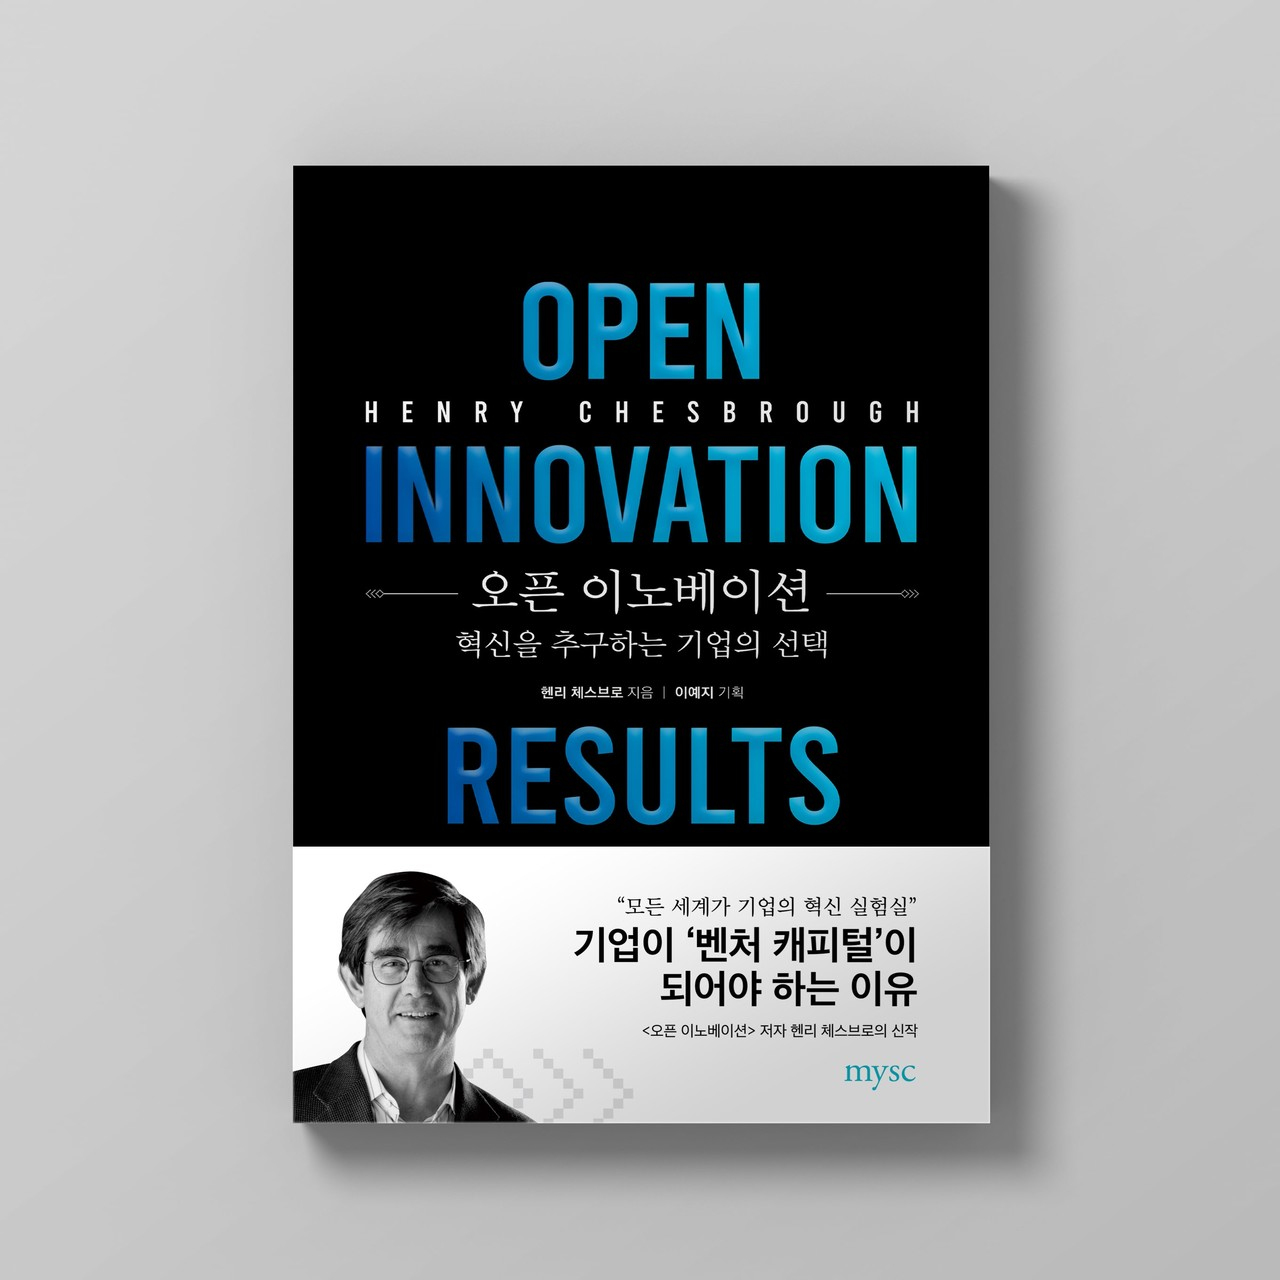 오픈 이노베이션 - mysc